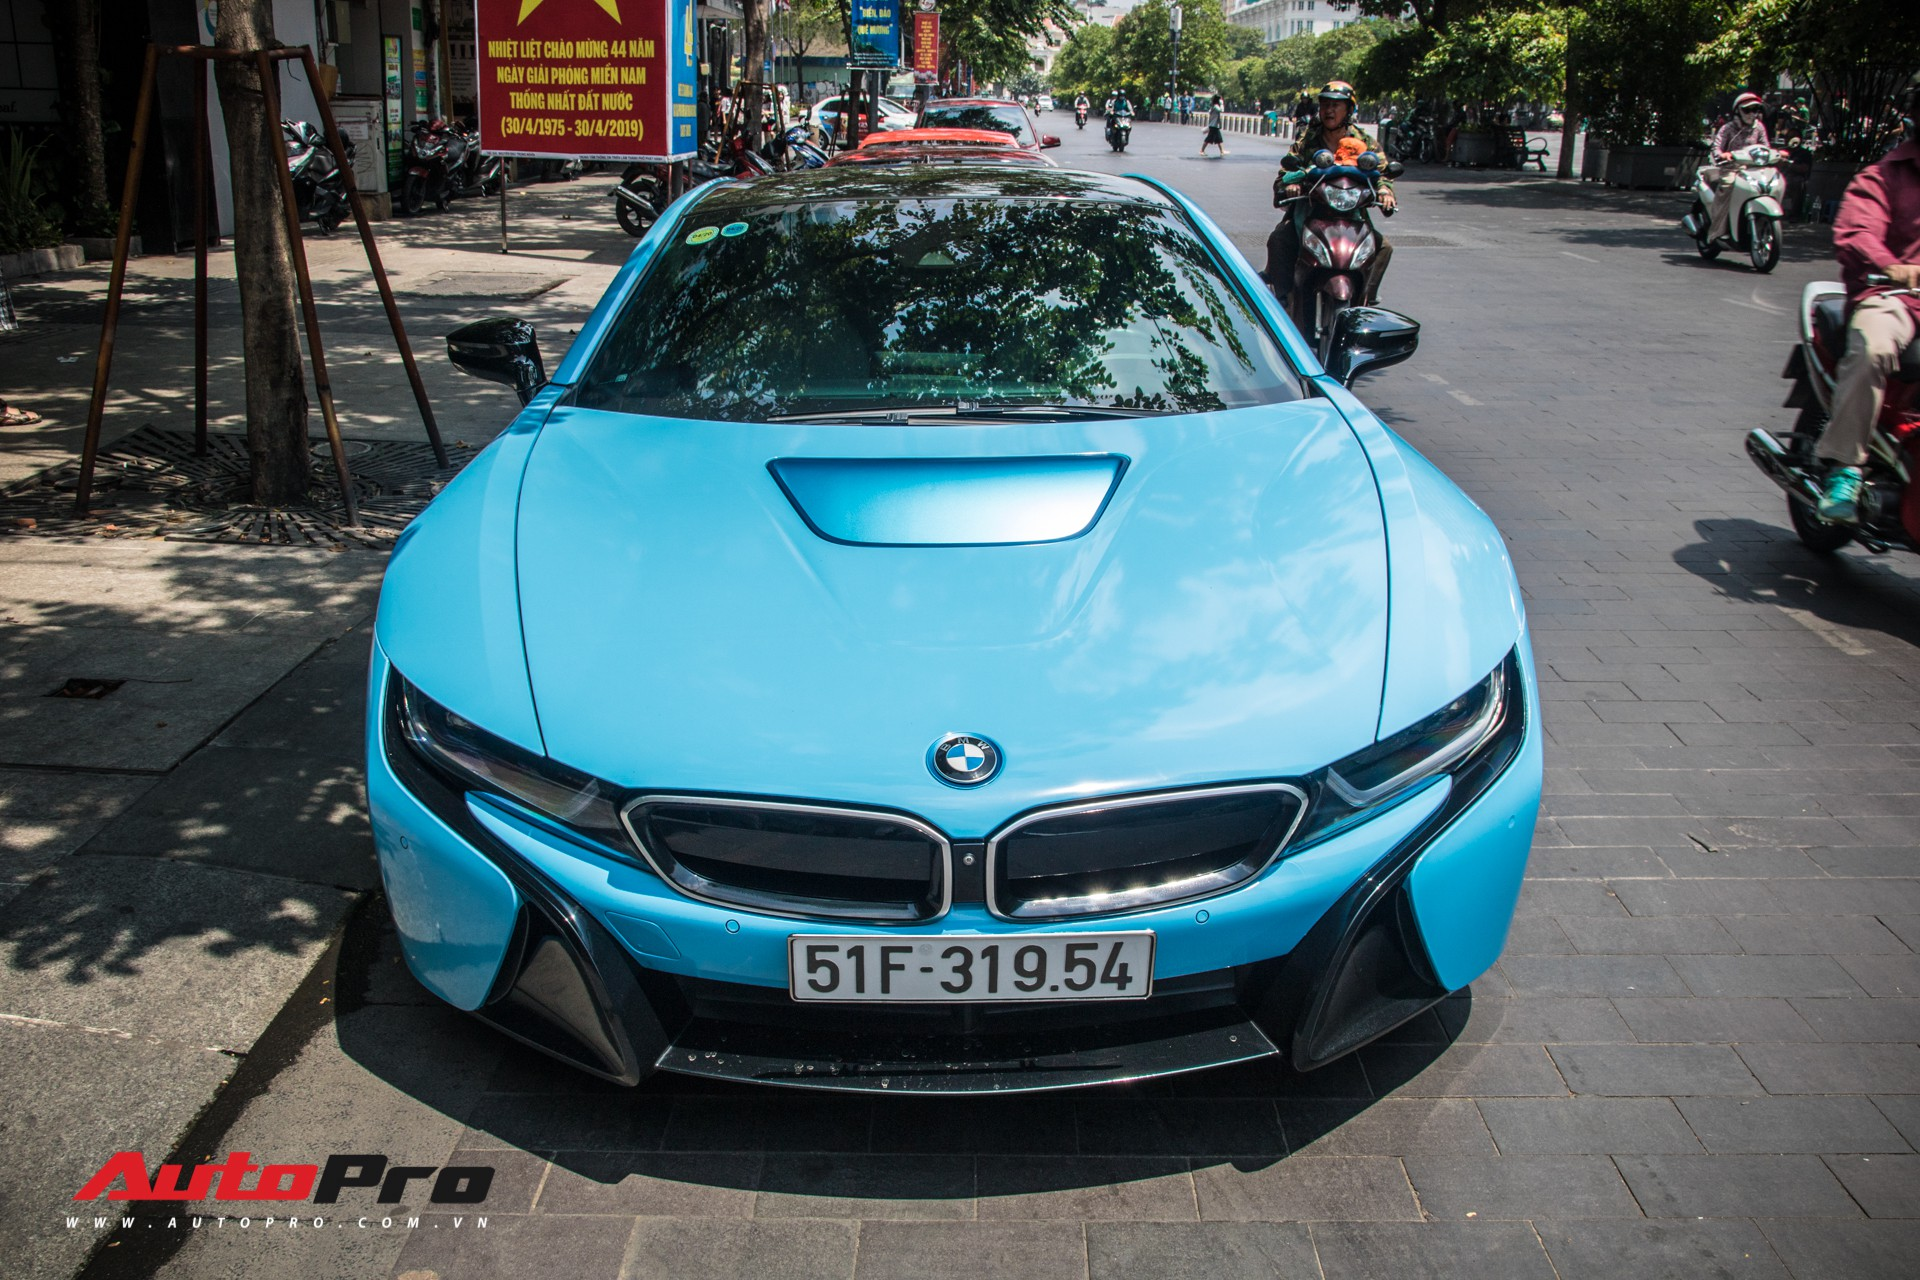 BMW i8 đã trở nên đại trà ở Việt Nam, chủ chiếc xe này chọn cách làm mới khác biệt để tạo điểm nhấn - Ảnh 4.